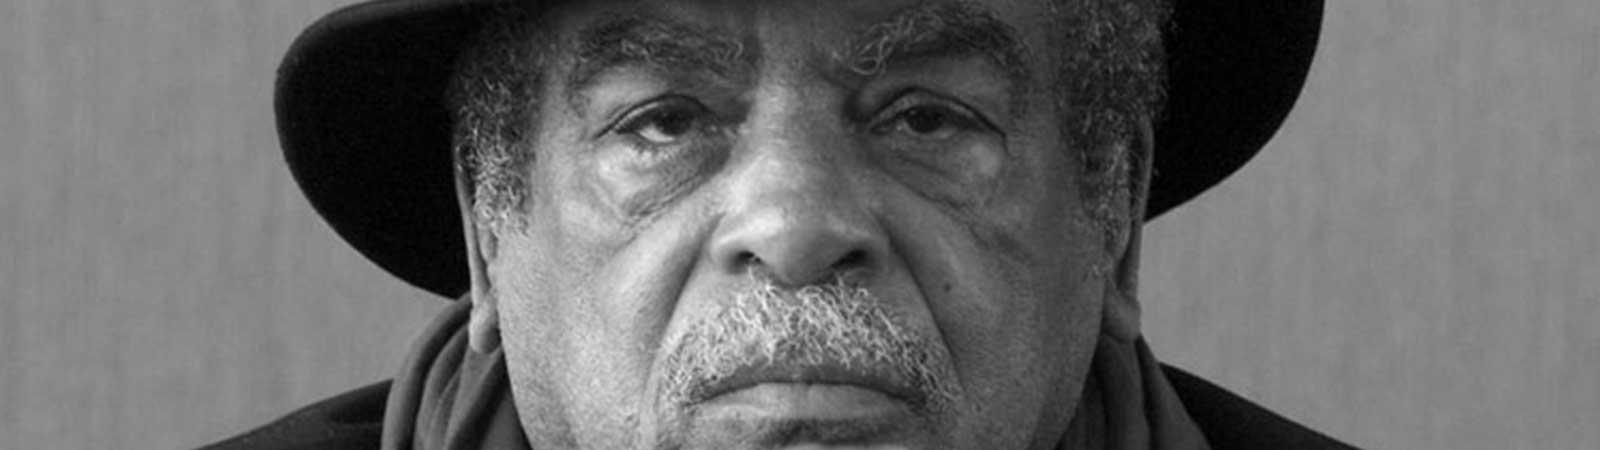 LES ARCHIVES D'EDOUARD GLISSANT ELEVEES AU RANG DE TRESOR NATIONAL